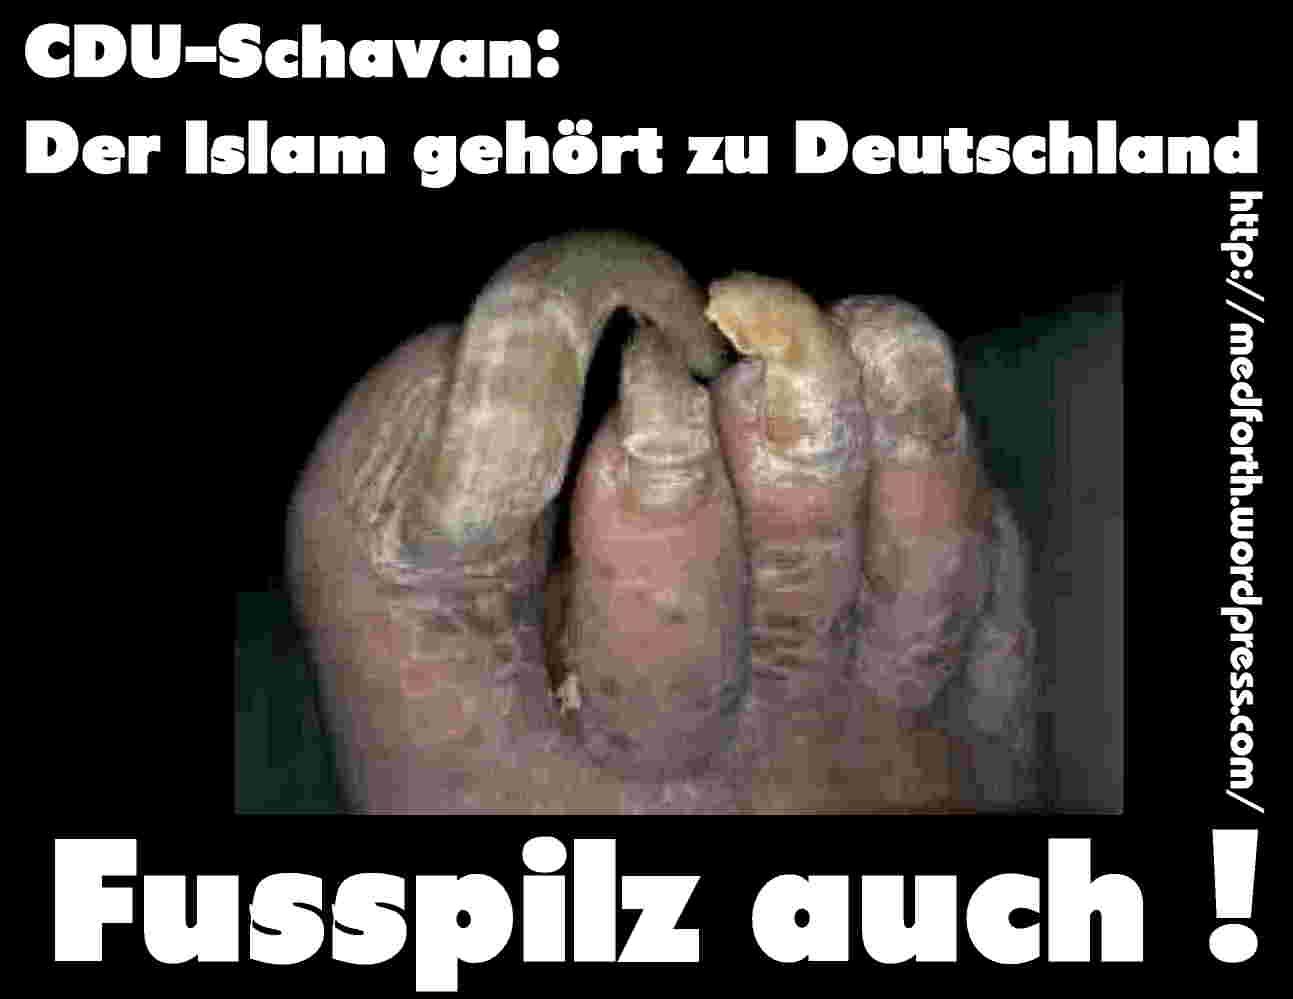 CDU-Schavan: Der Islam gehört zu Deutschland ! Und warum ? Na klar ...: https://medforth.wordpress.com/2011/04/10/cdu-schavan-der-islam...